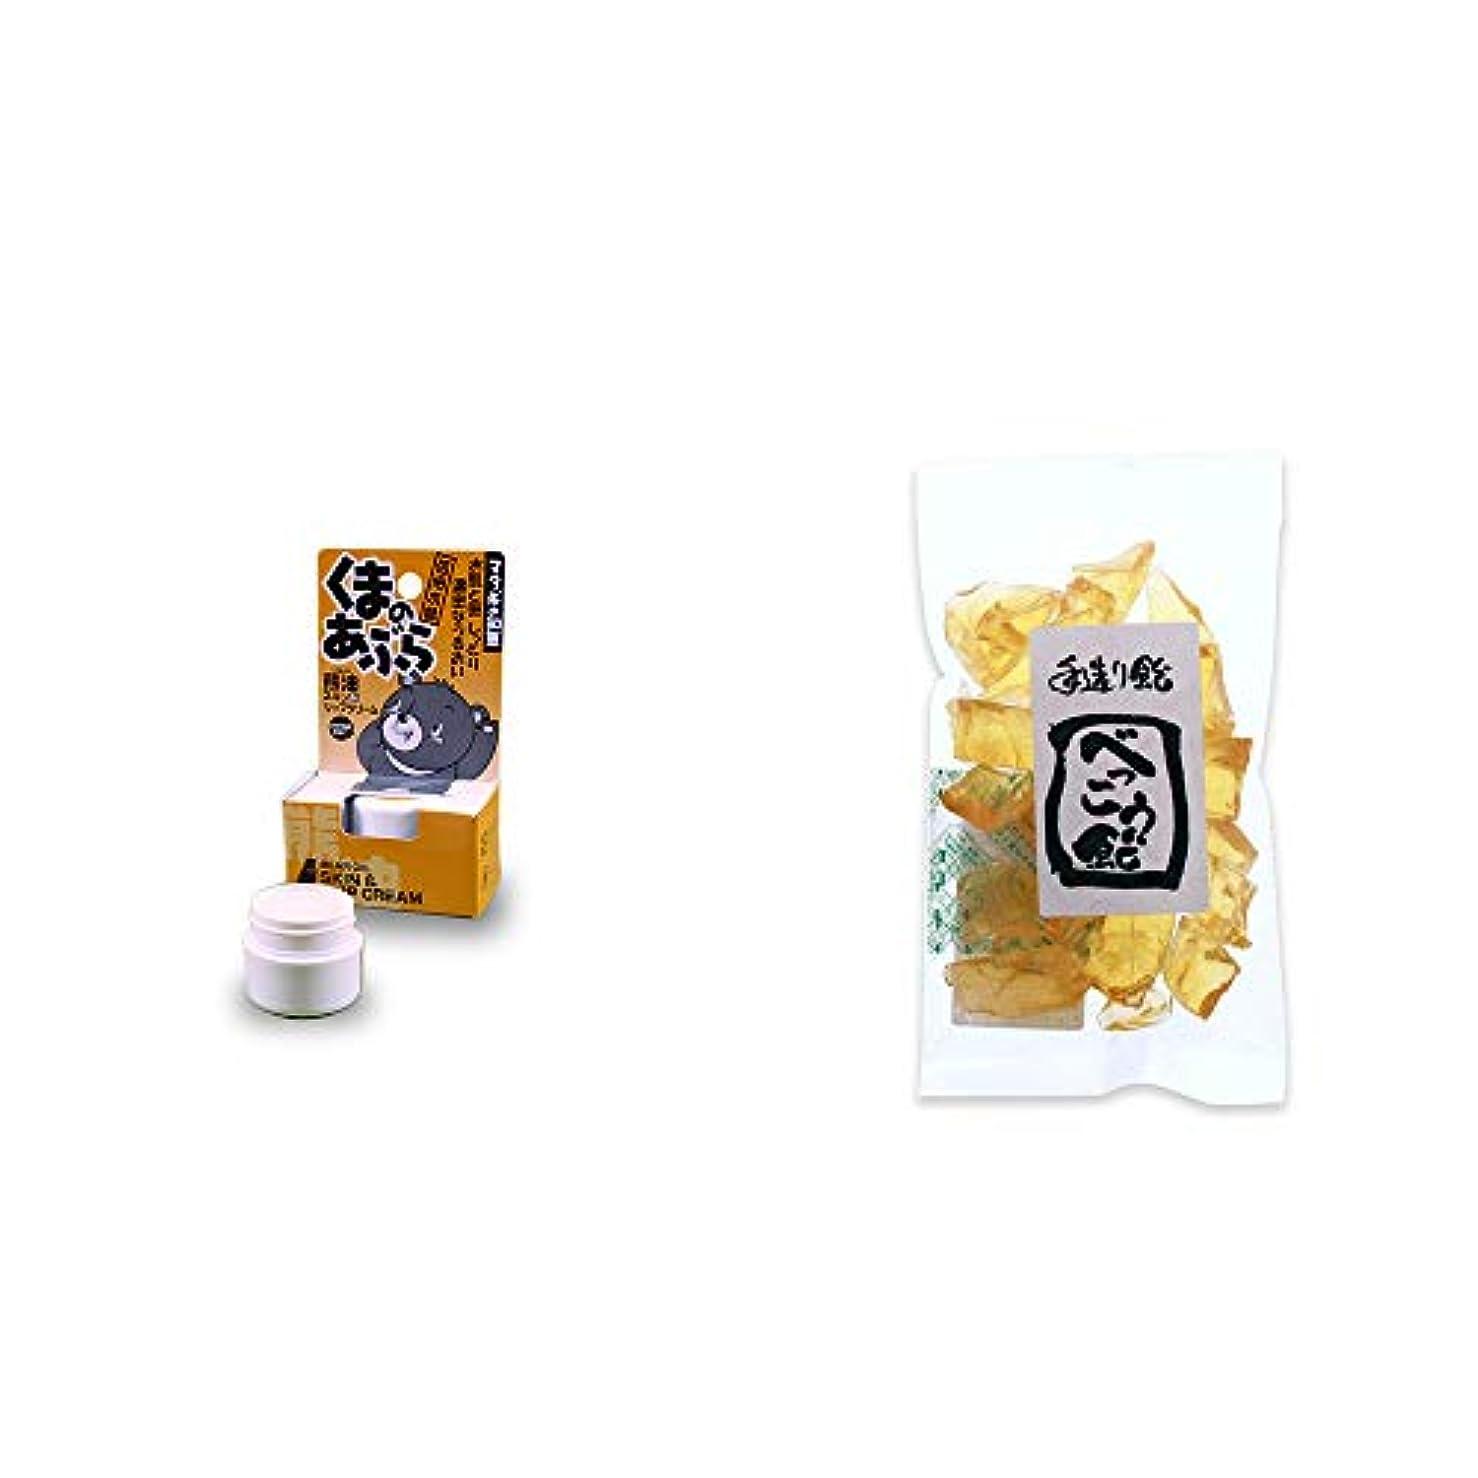 一貫性のない吸収するバンドル[2点セット] 信州木曽 くまのあぶら 熊油スキン&リップクリーム(9g)?べっこう飴(160g)